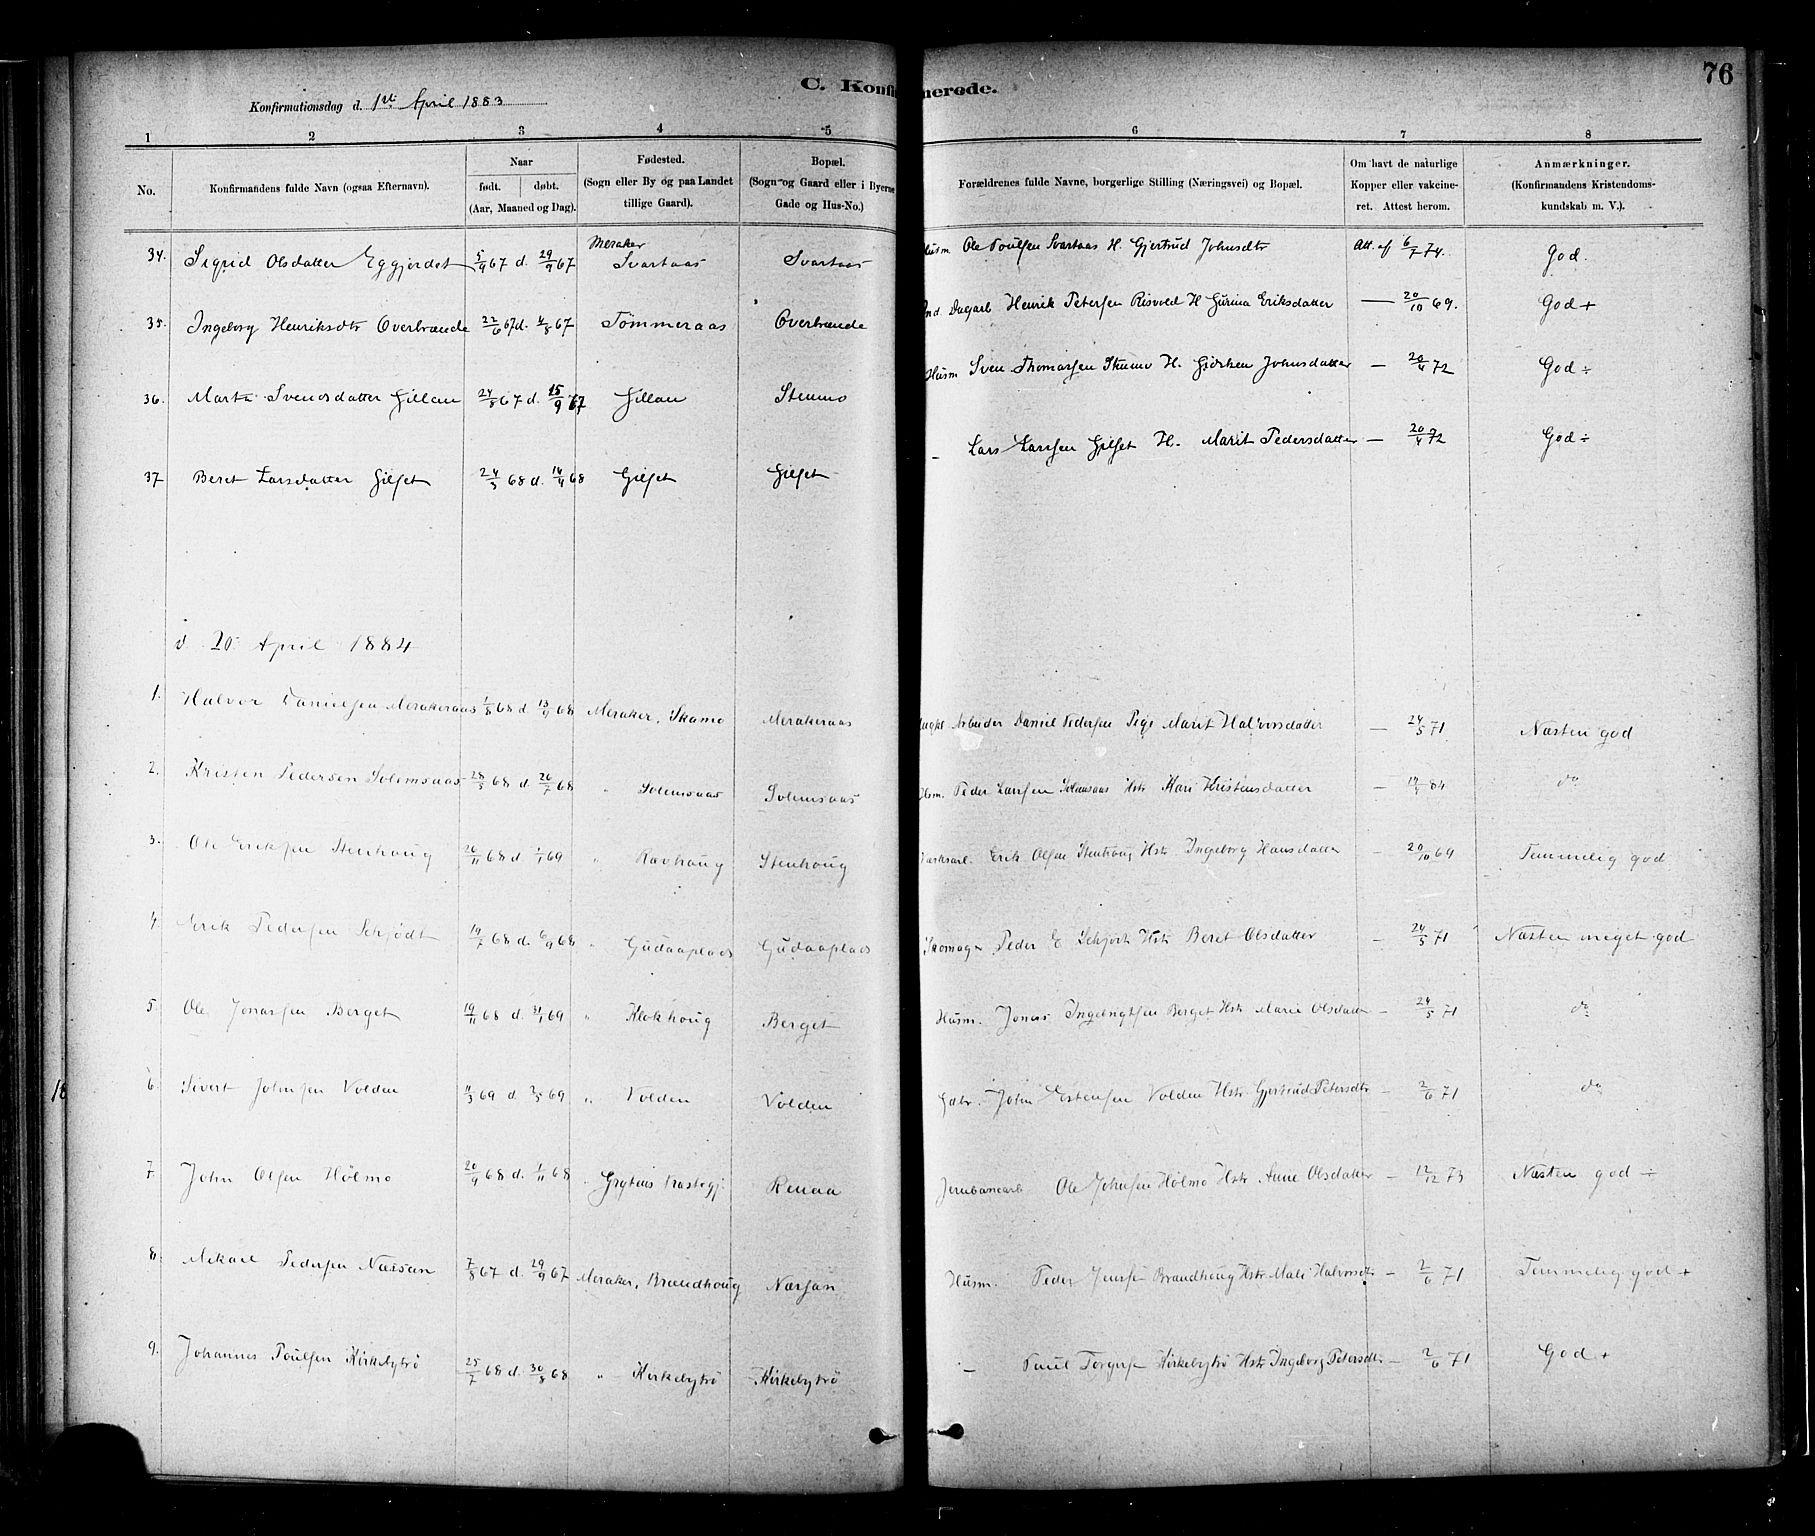 SAT, Ministerialprotokoller, klokkerbøker og fødselsregistre - Nord-Trøndelag, 706/L0047: Parish register (official) no. 706A03, 1878-1892, p. 76